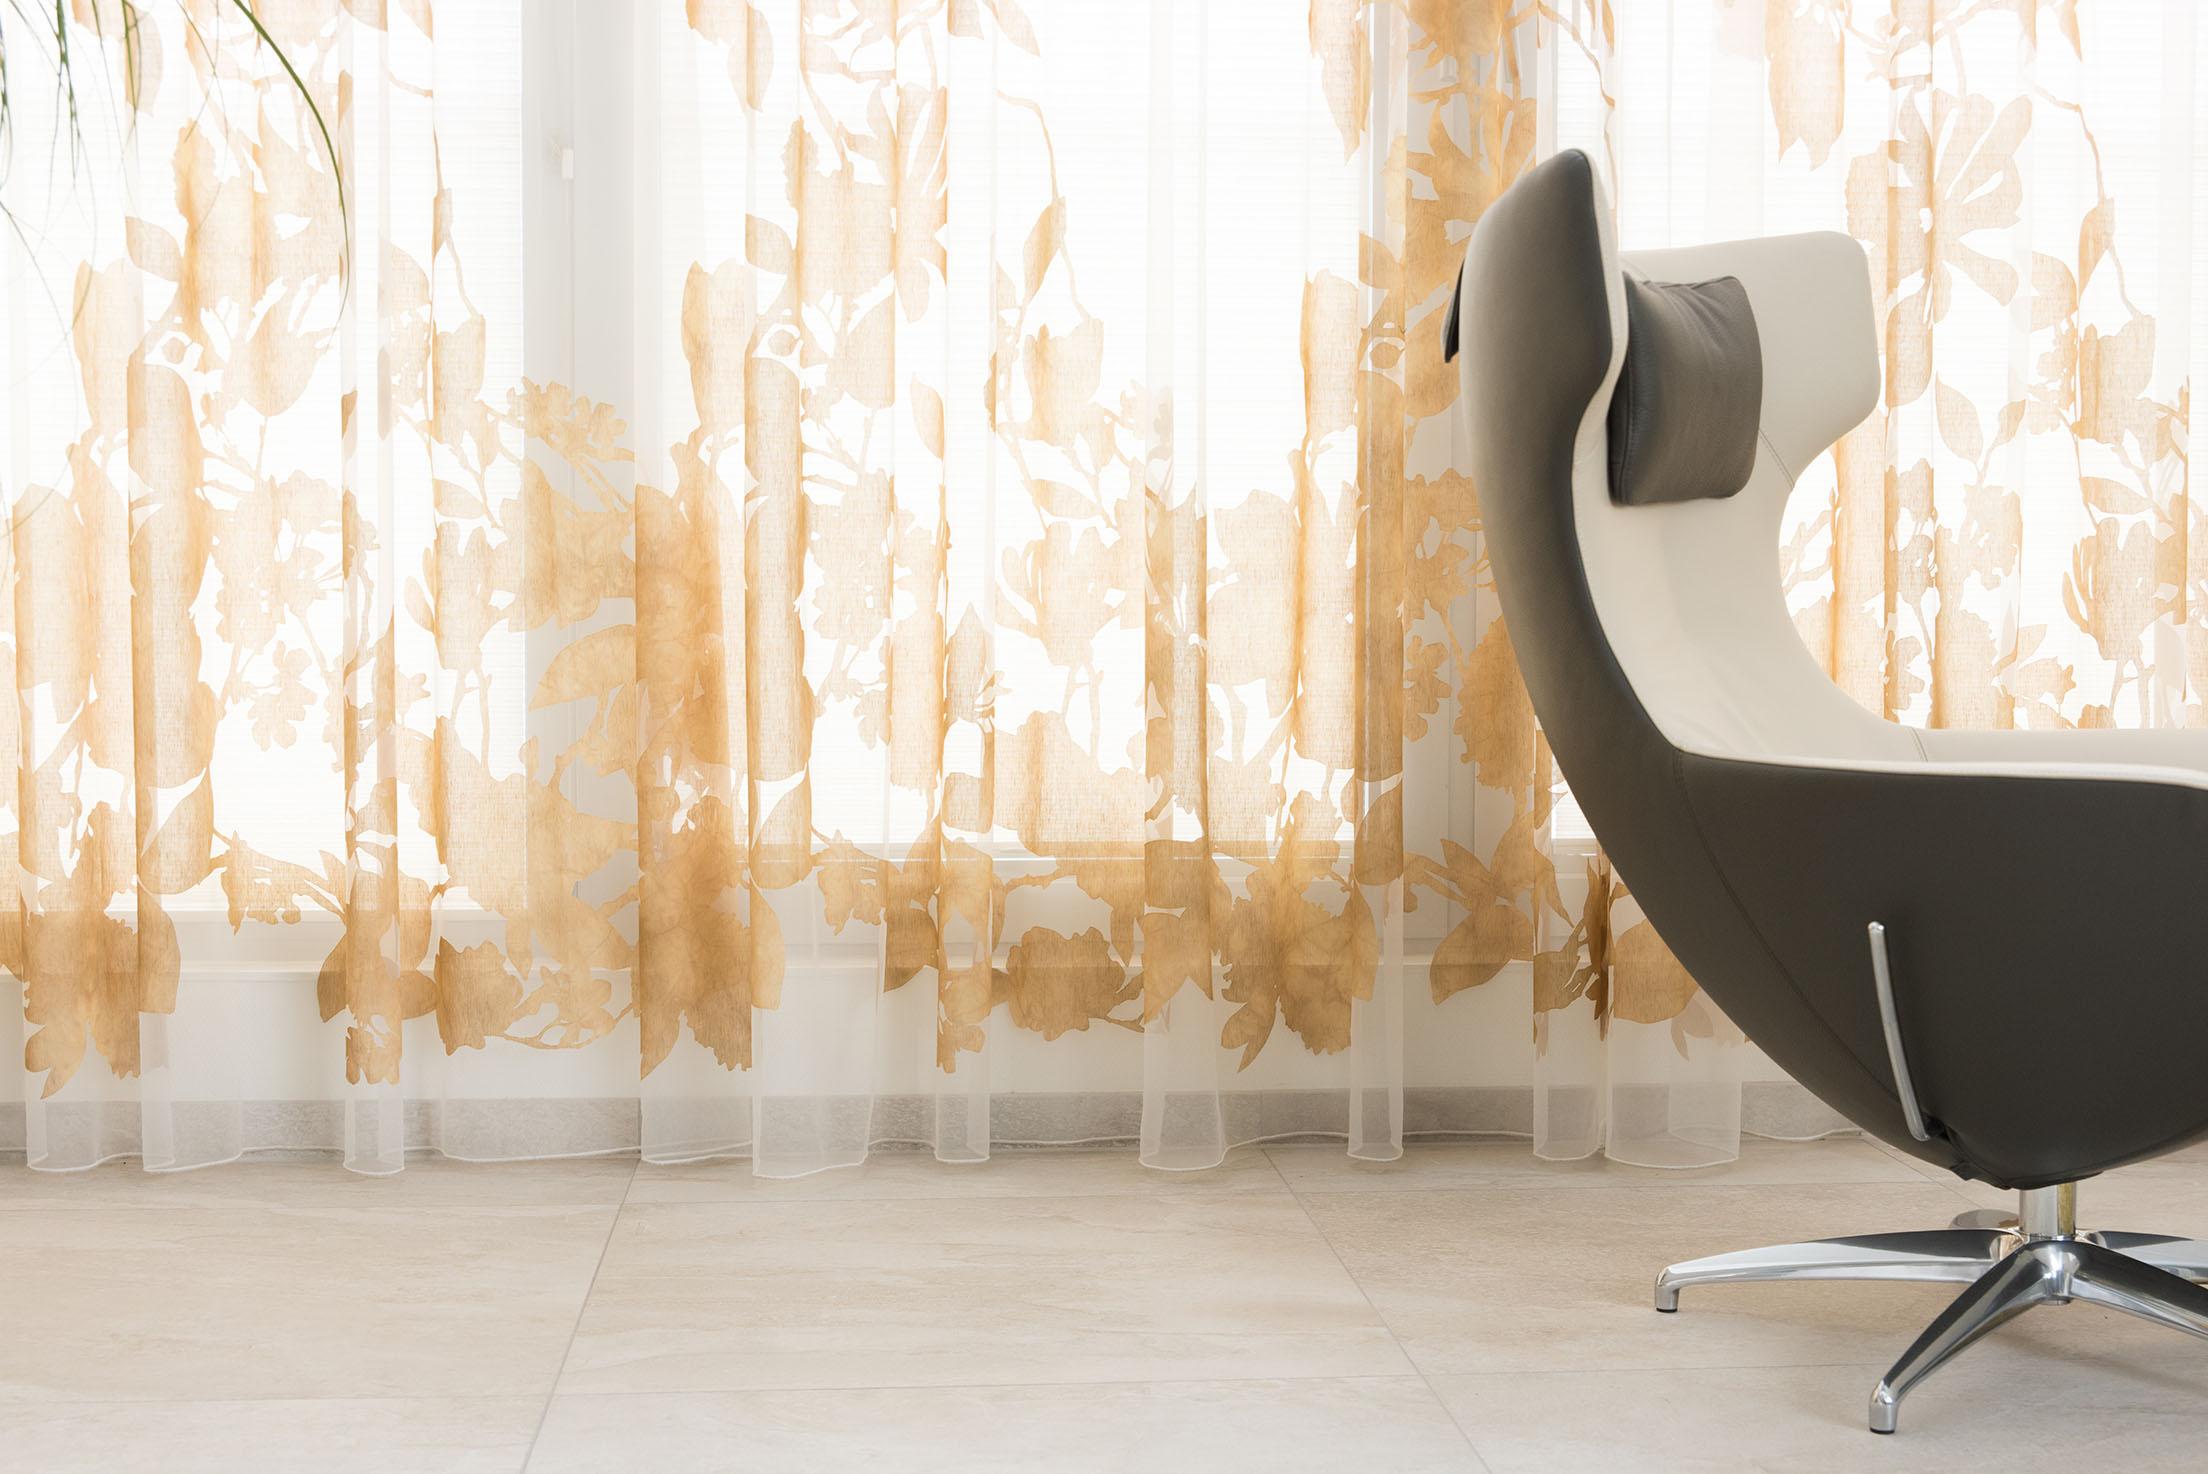 caruzzo_leolux_fauteuil